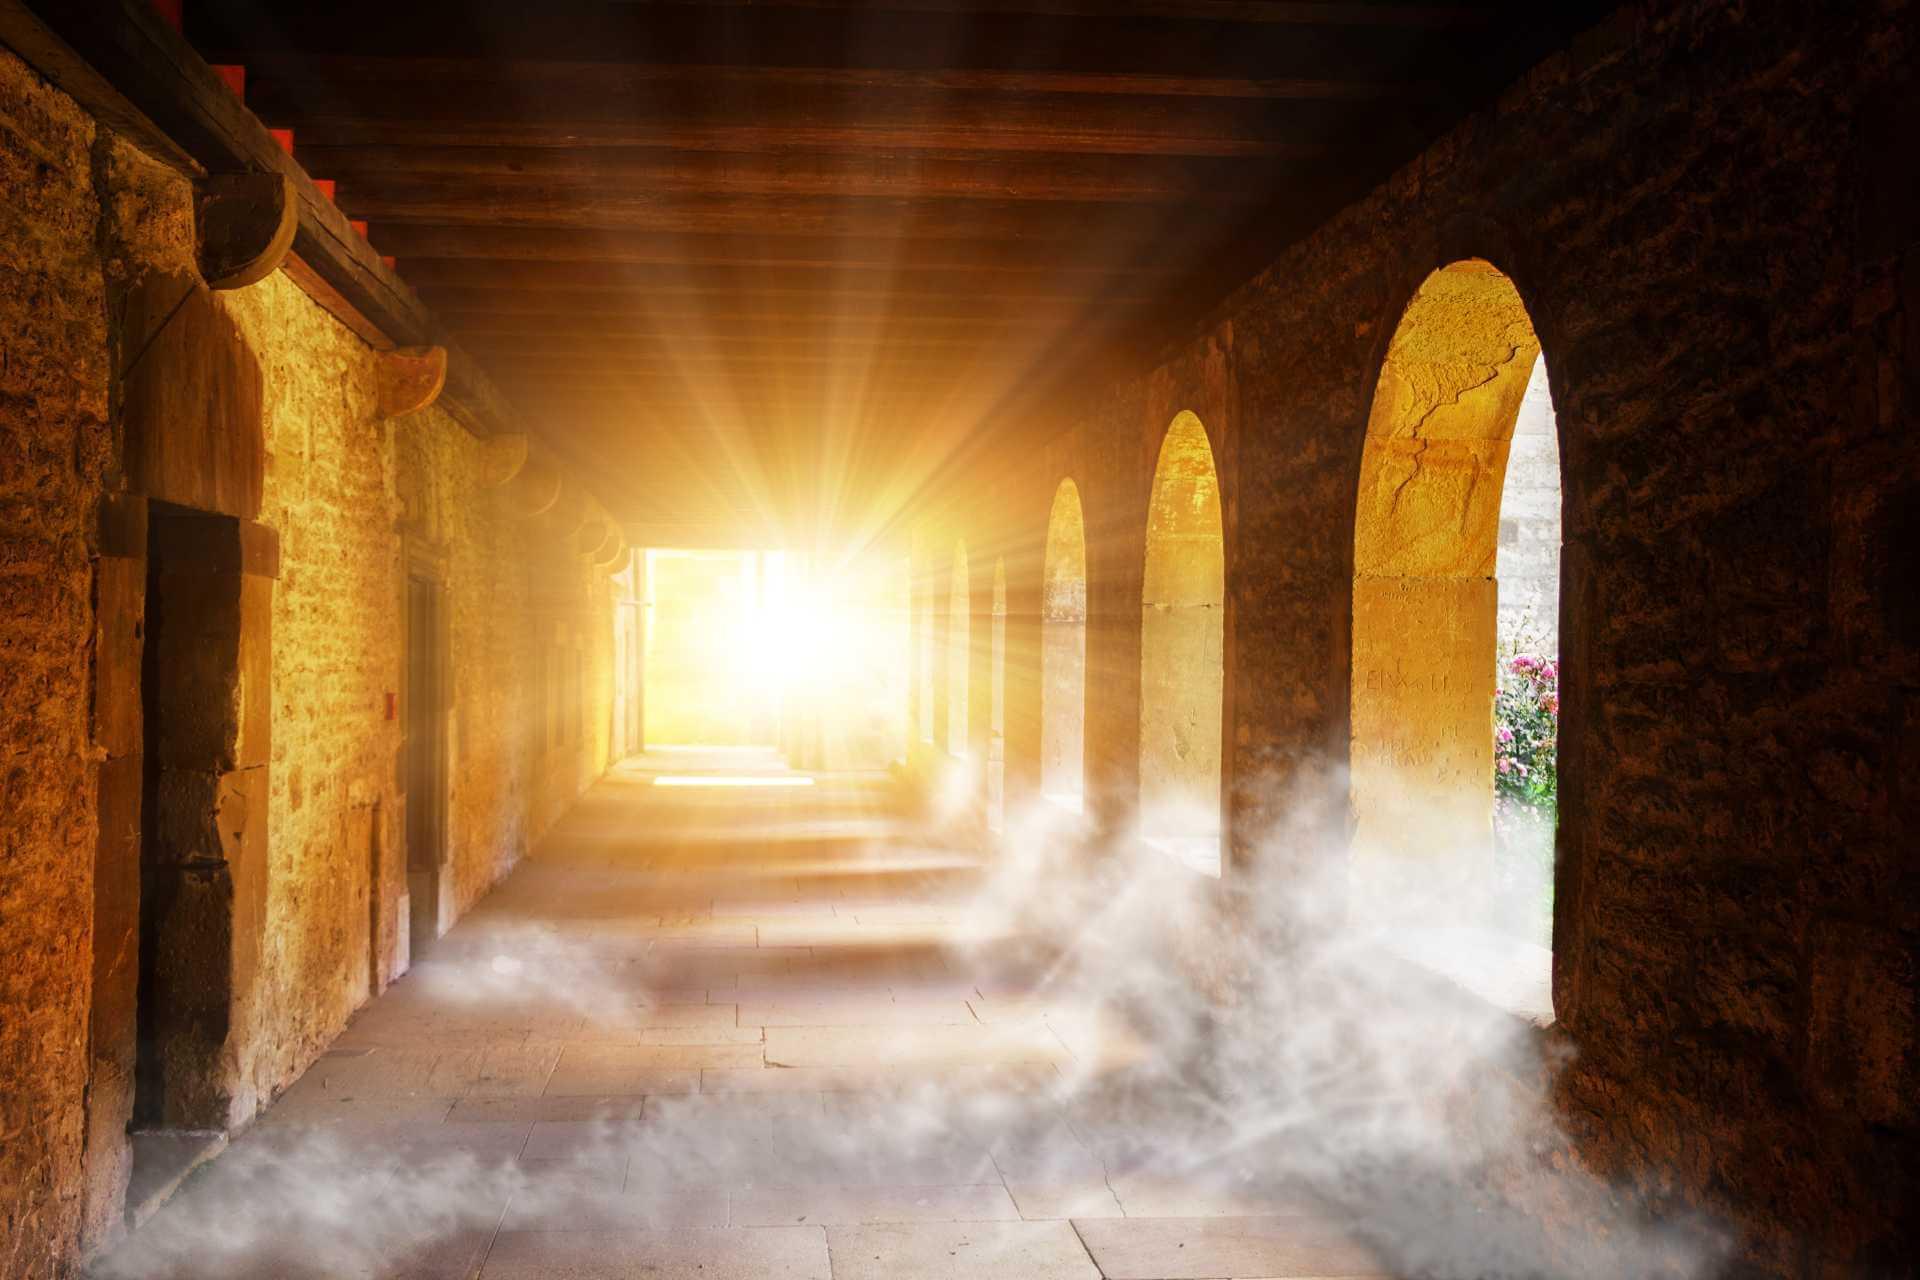 Ein Klostergang mit einer Art Erleuchtung am Ende